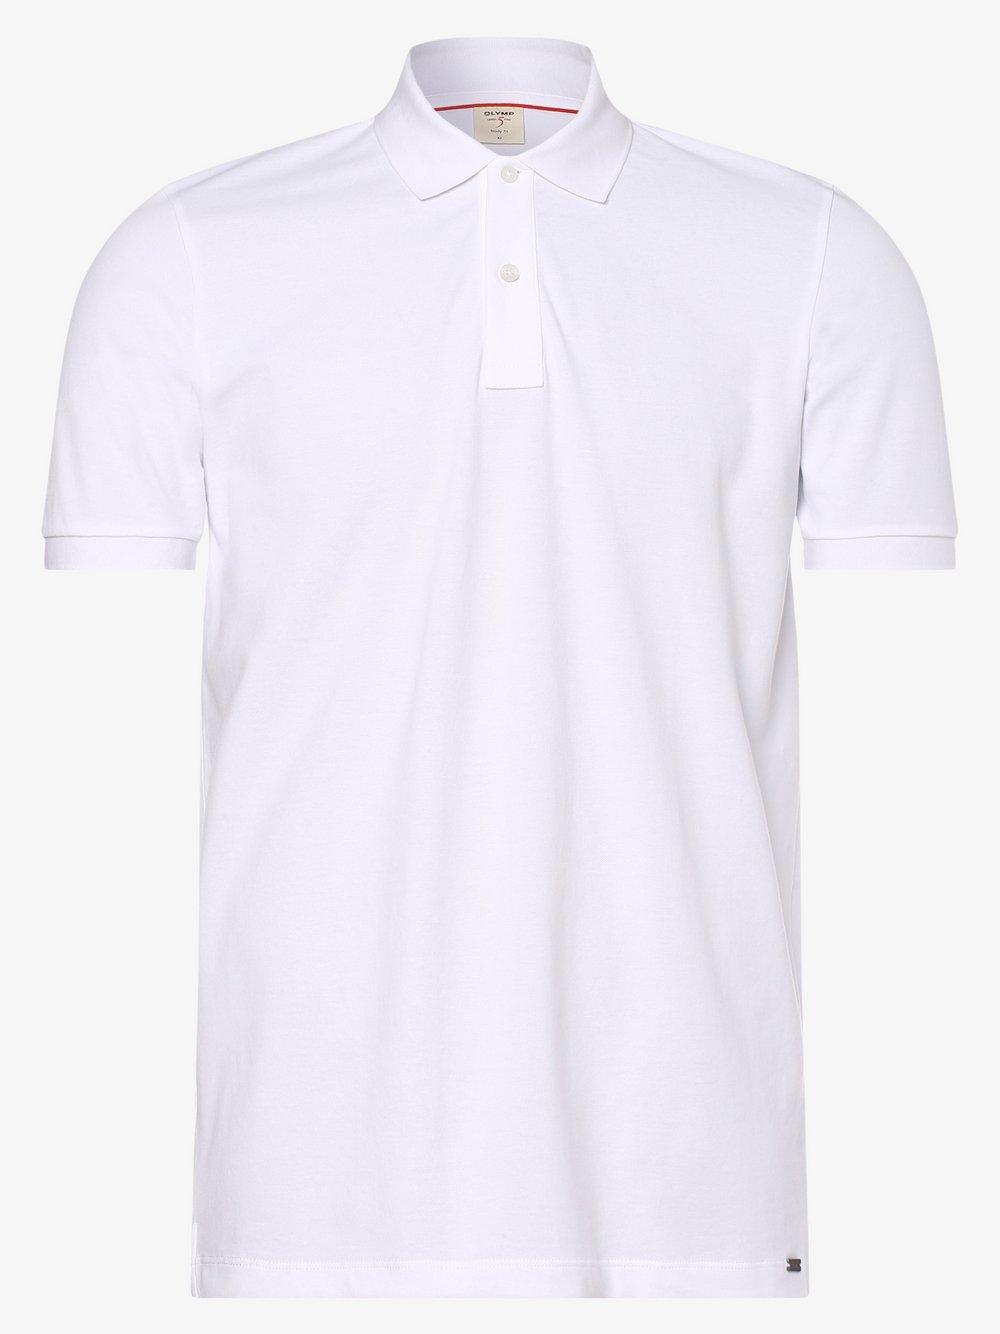 Olymp Level Five – Męska koszulka polo, biały Van Graaf 463439-0002